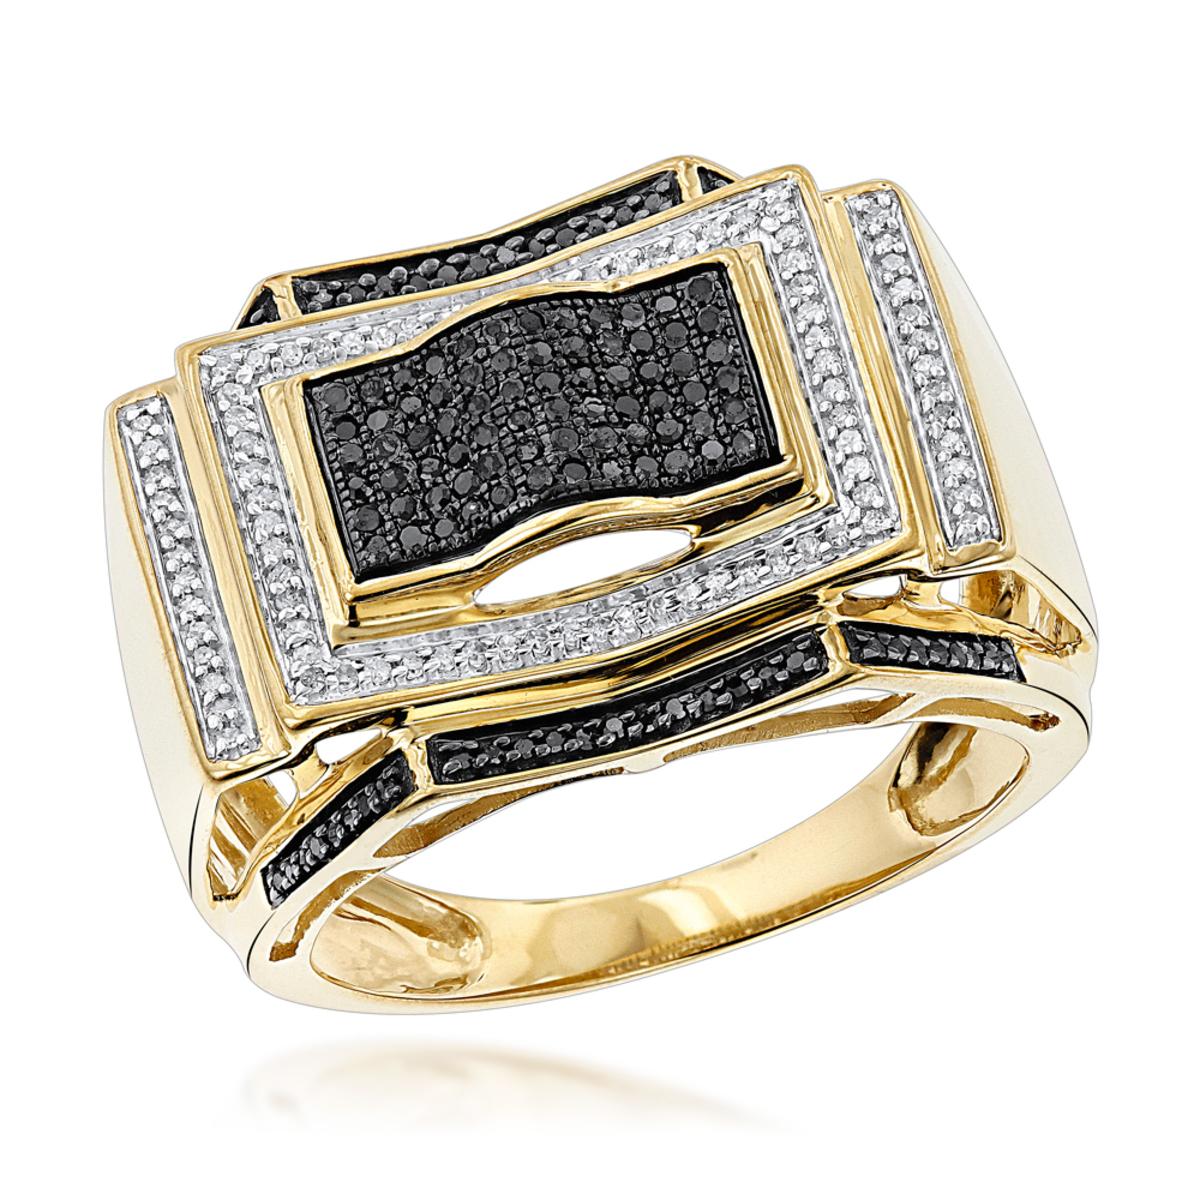 Black and White Diamond Ring for Men 0.5ct 10K Gold